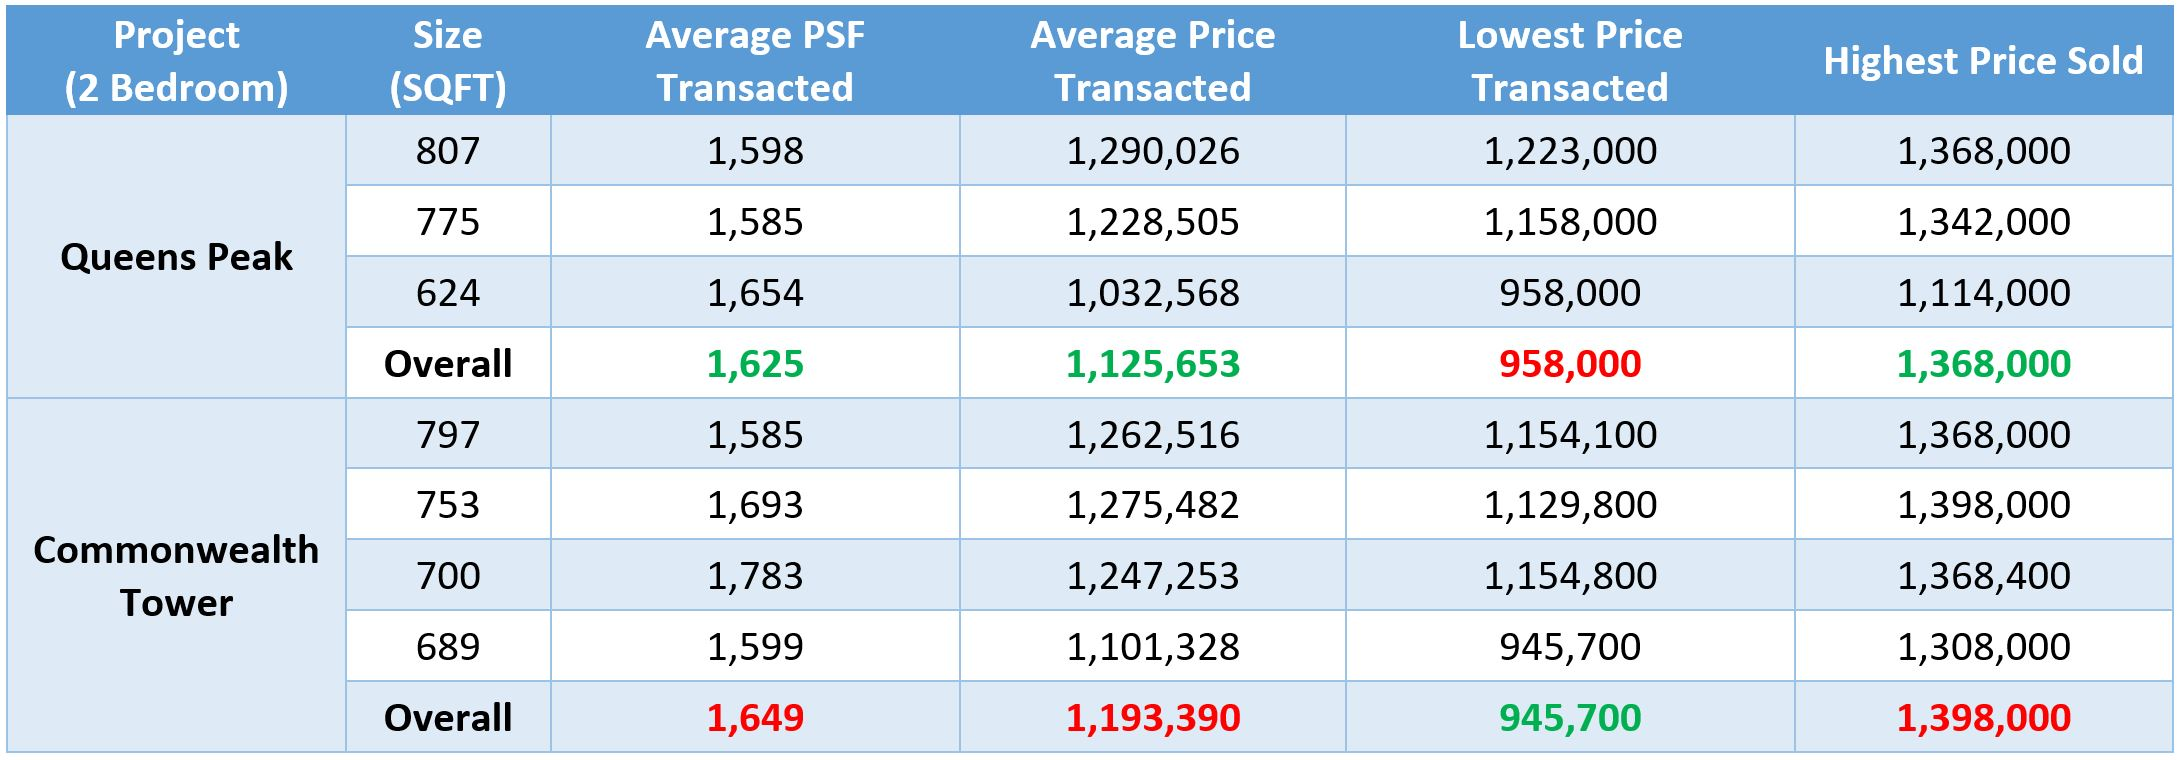 Queens Peak 2 Bedroom Prices